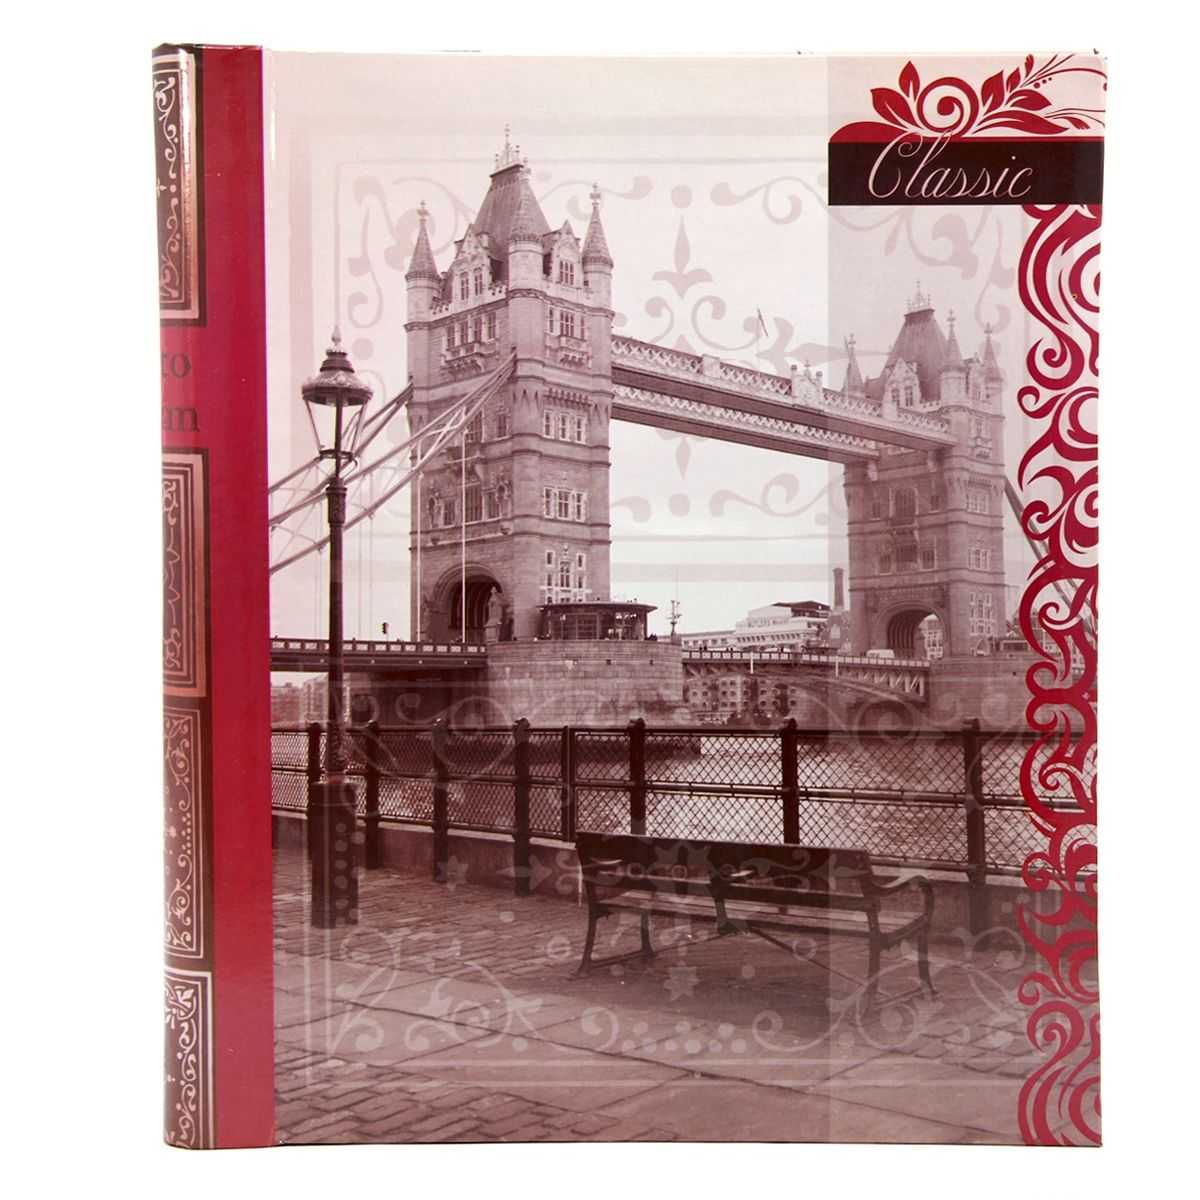 Фотоальбом Pioneer Classica, 10 магнитных листов, 23 х 28 см фотоальбом pioneer stretch of imagination цвет синий 500 фото 10 х 15 см